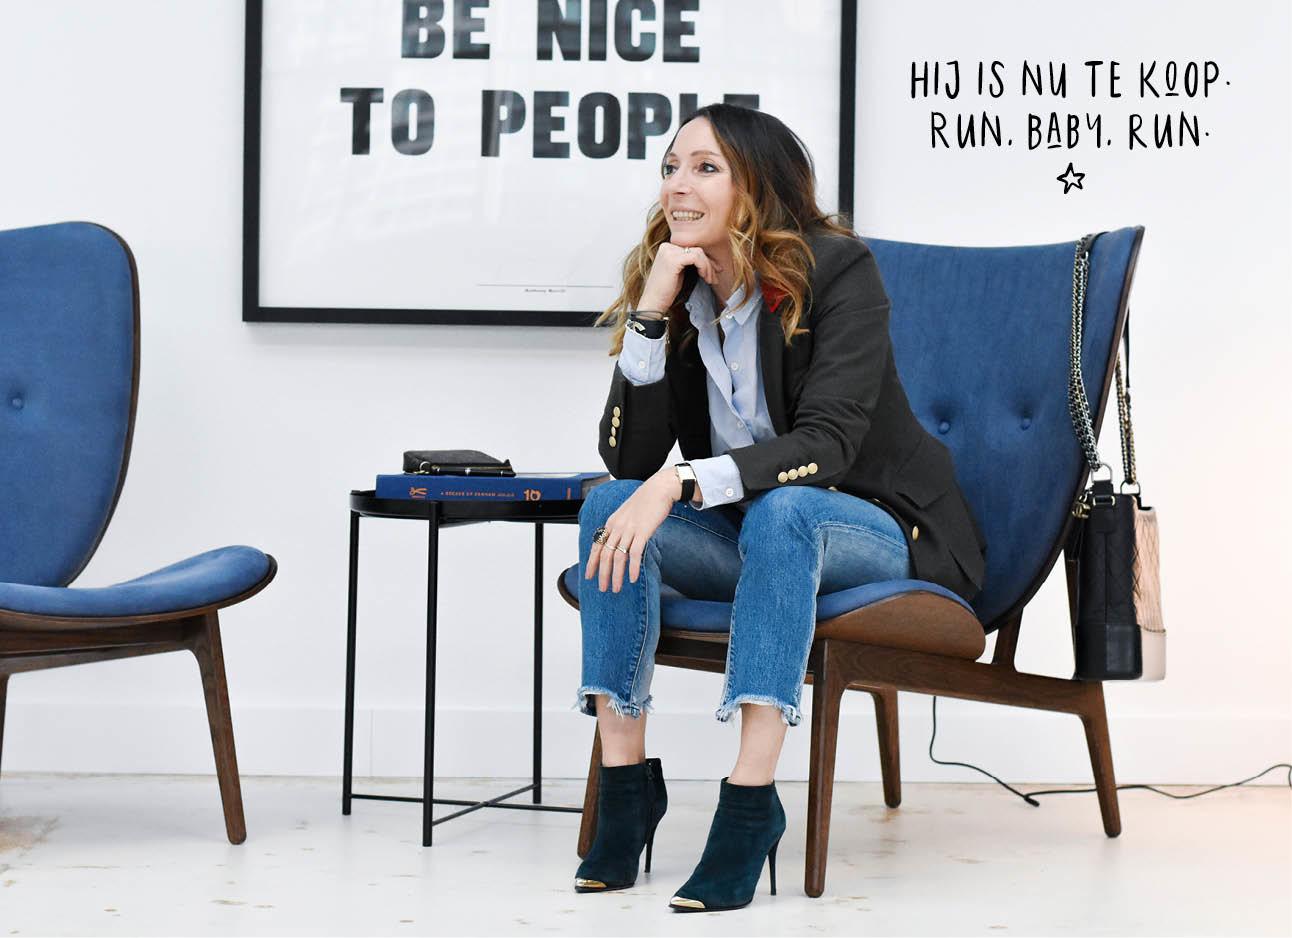 May-britt zittend in een blauwe stoel in het hoofdkantoor van Denham lachend